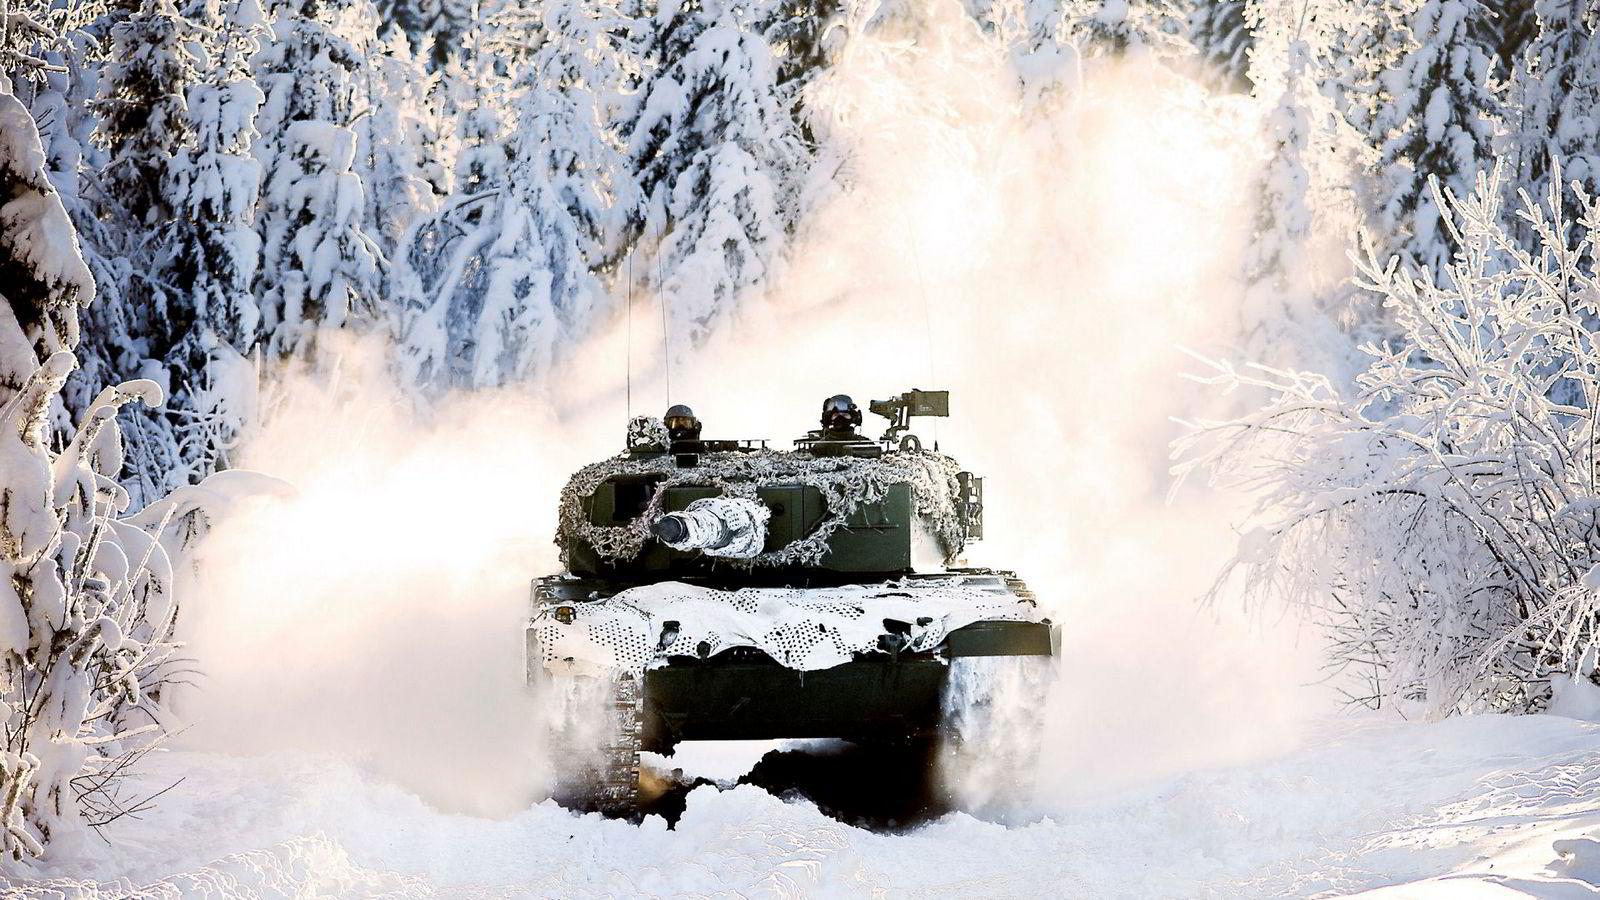 Stortingets kompromisser rett før jul om blant annet stridvogner, her illustrert ved en Leopard 2 A2 på øvingsfeltetet på Rena, brakte den økonomiske underdekningen til Forsvaret opp i en snau milliard kroner. Dermed er Forsvaret tilbake der det var ved regjeringsskiftet i 2013, skriver Sverre Diesen.